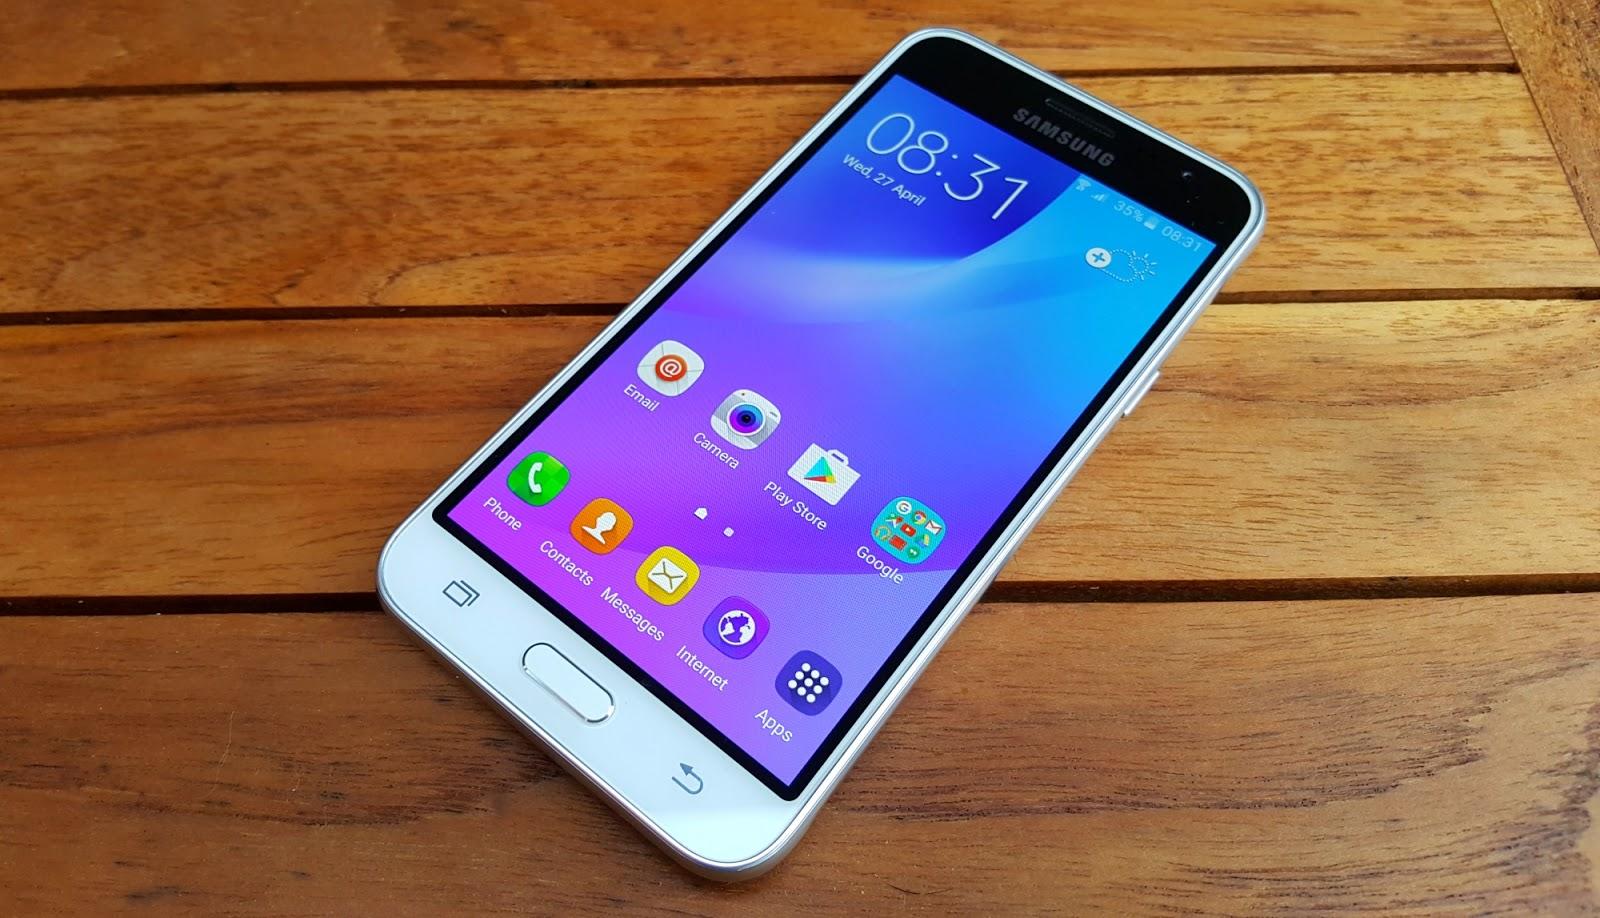 Samsung Galaxy J3 come chiudere app